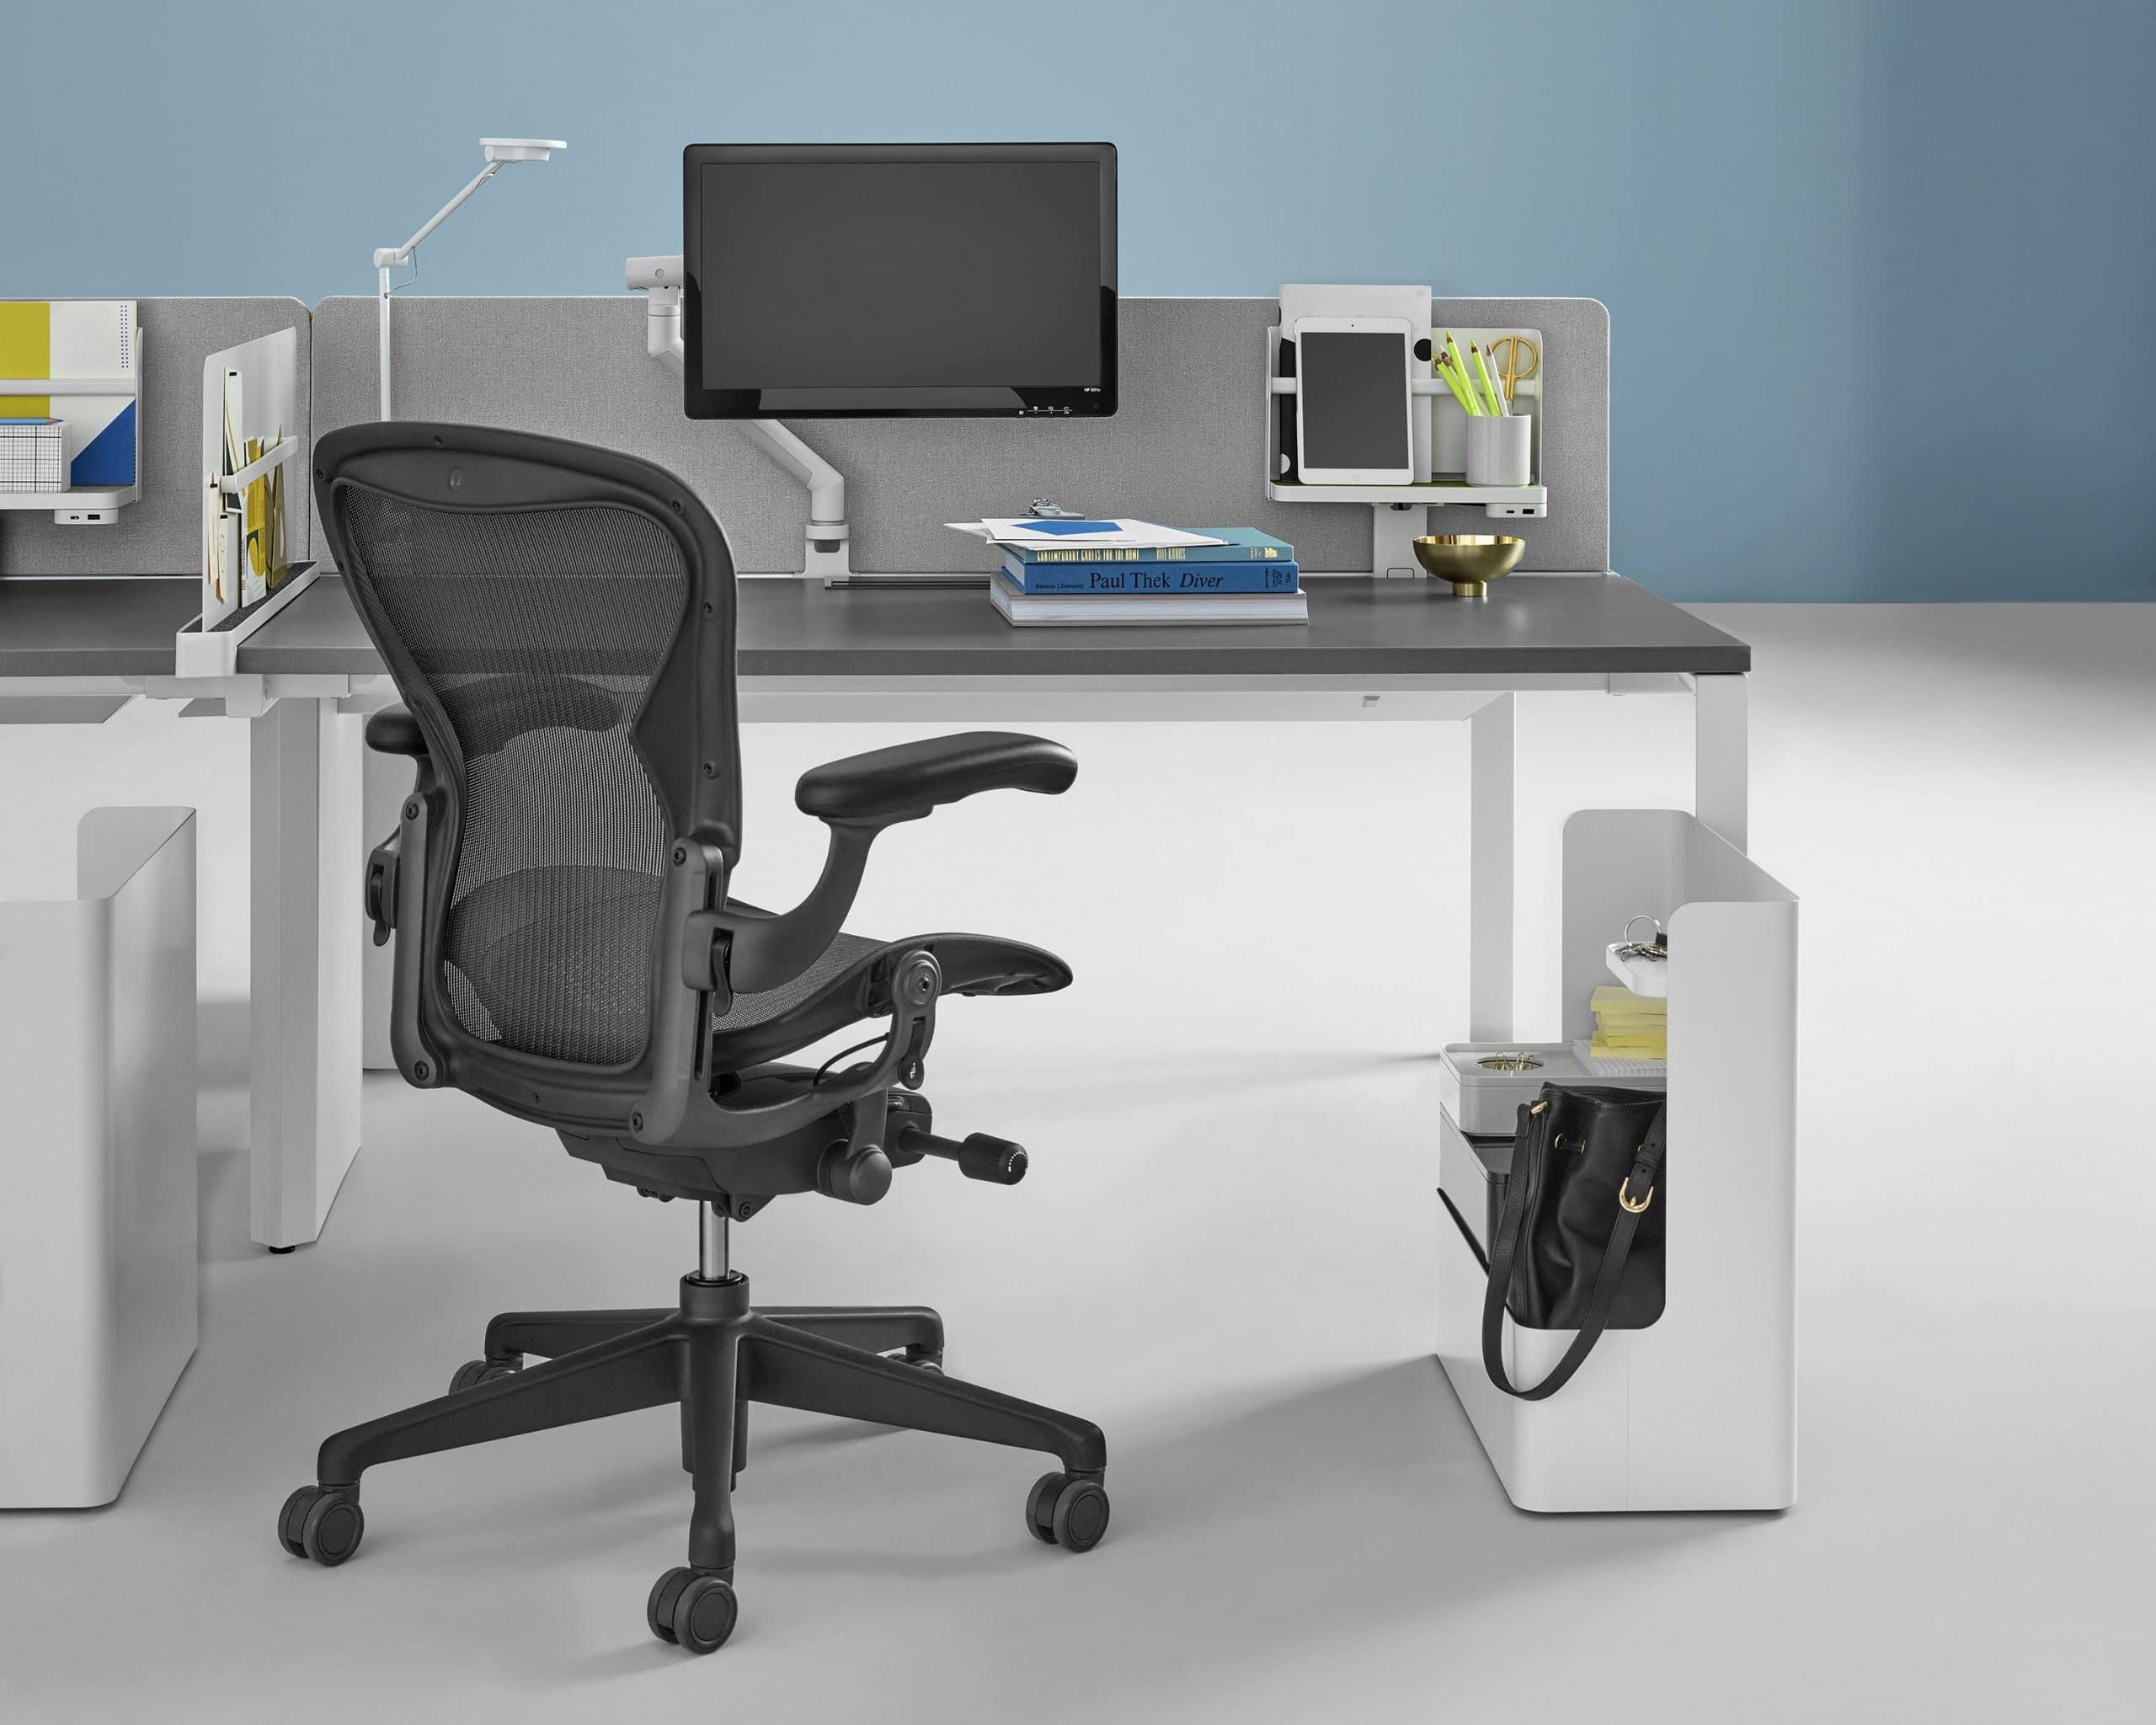 cadeira Aeron ergonomia no trabalho